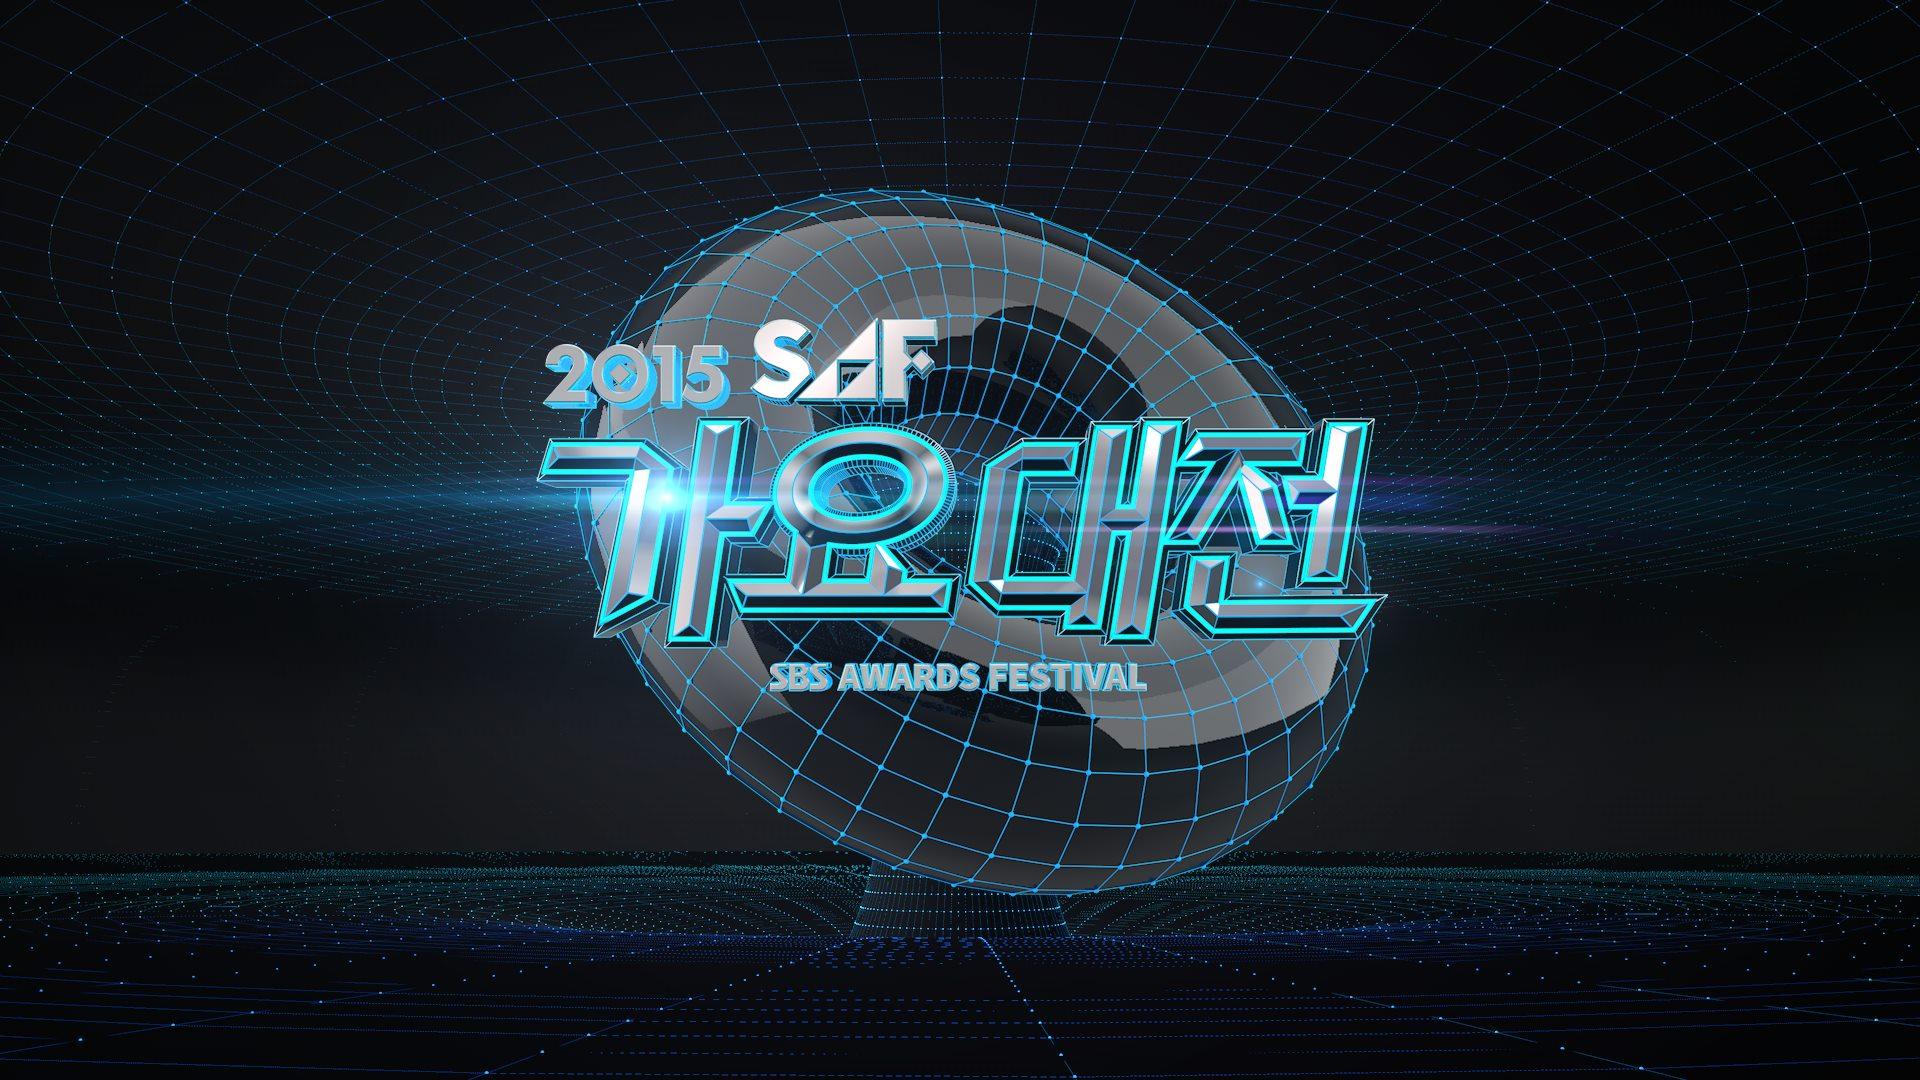 2015年的《SBS歌謠大戰》就在後天27日展開,從去年開始,SBS重新開啟了停辦7年的頒獎制度,讓粉絲更積極收看,想知道誰會得獎!